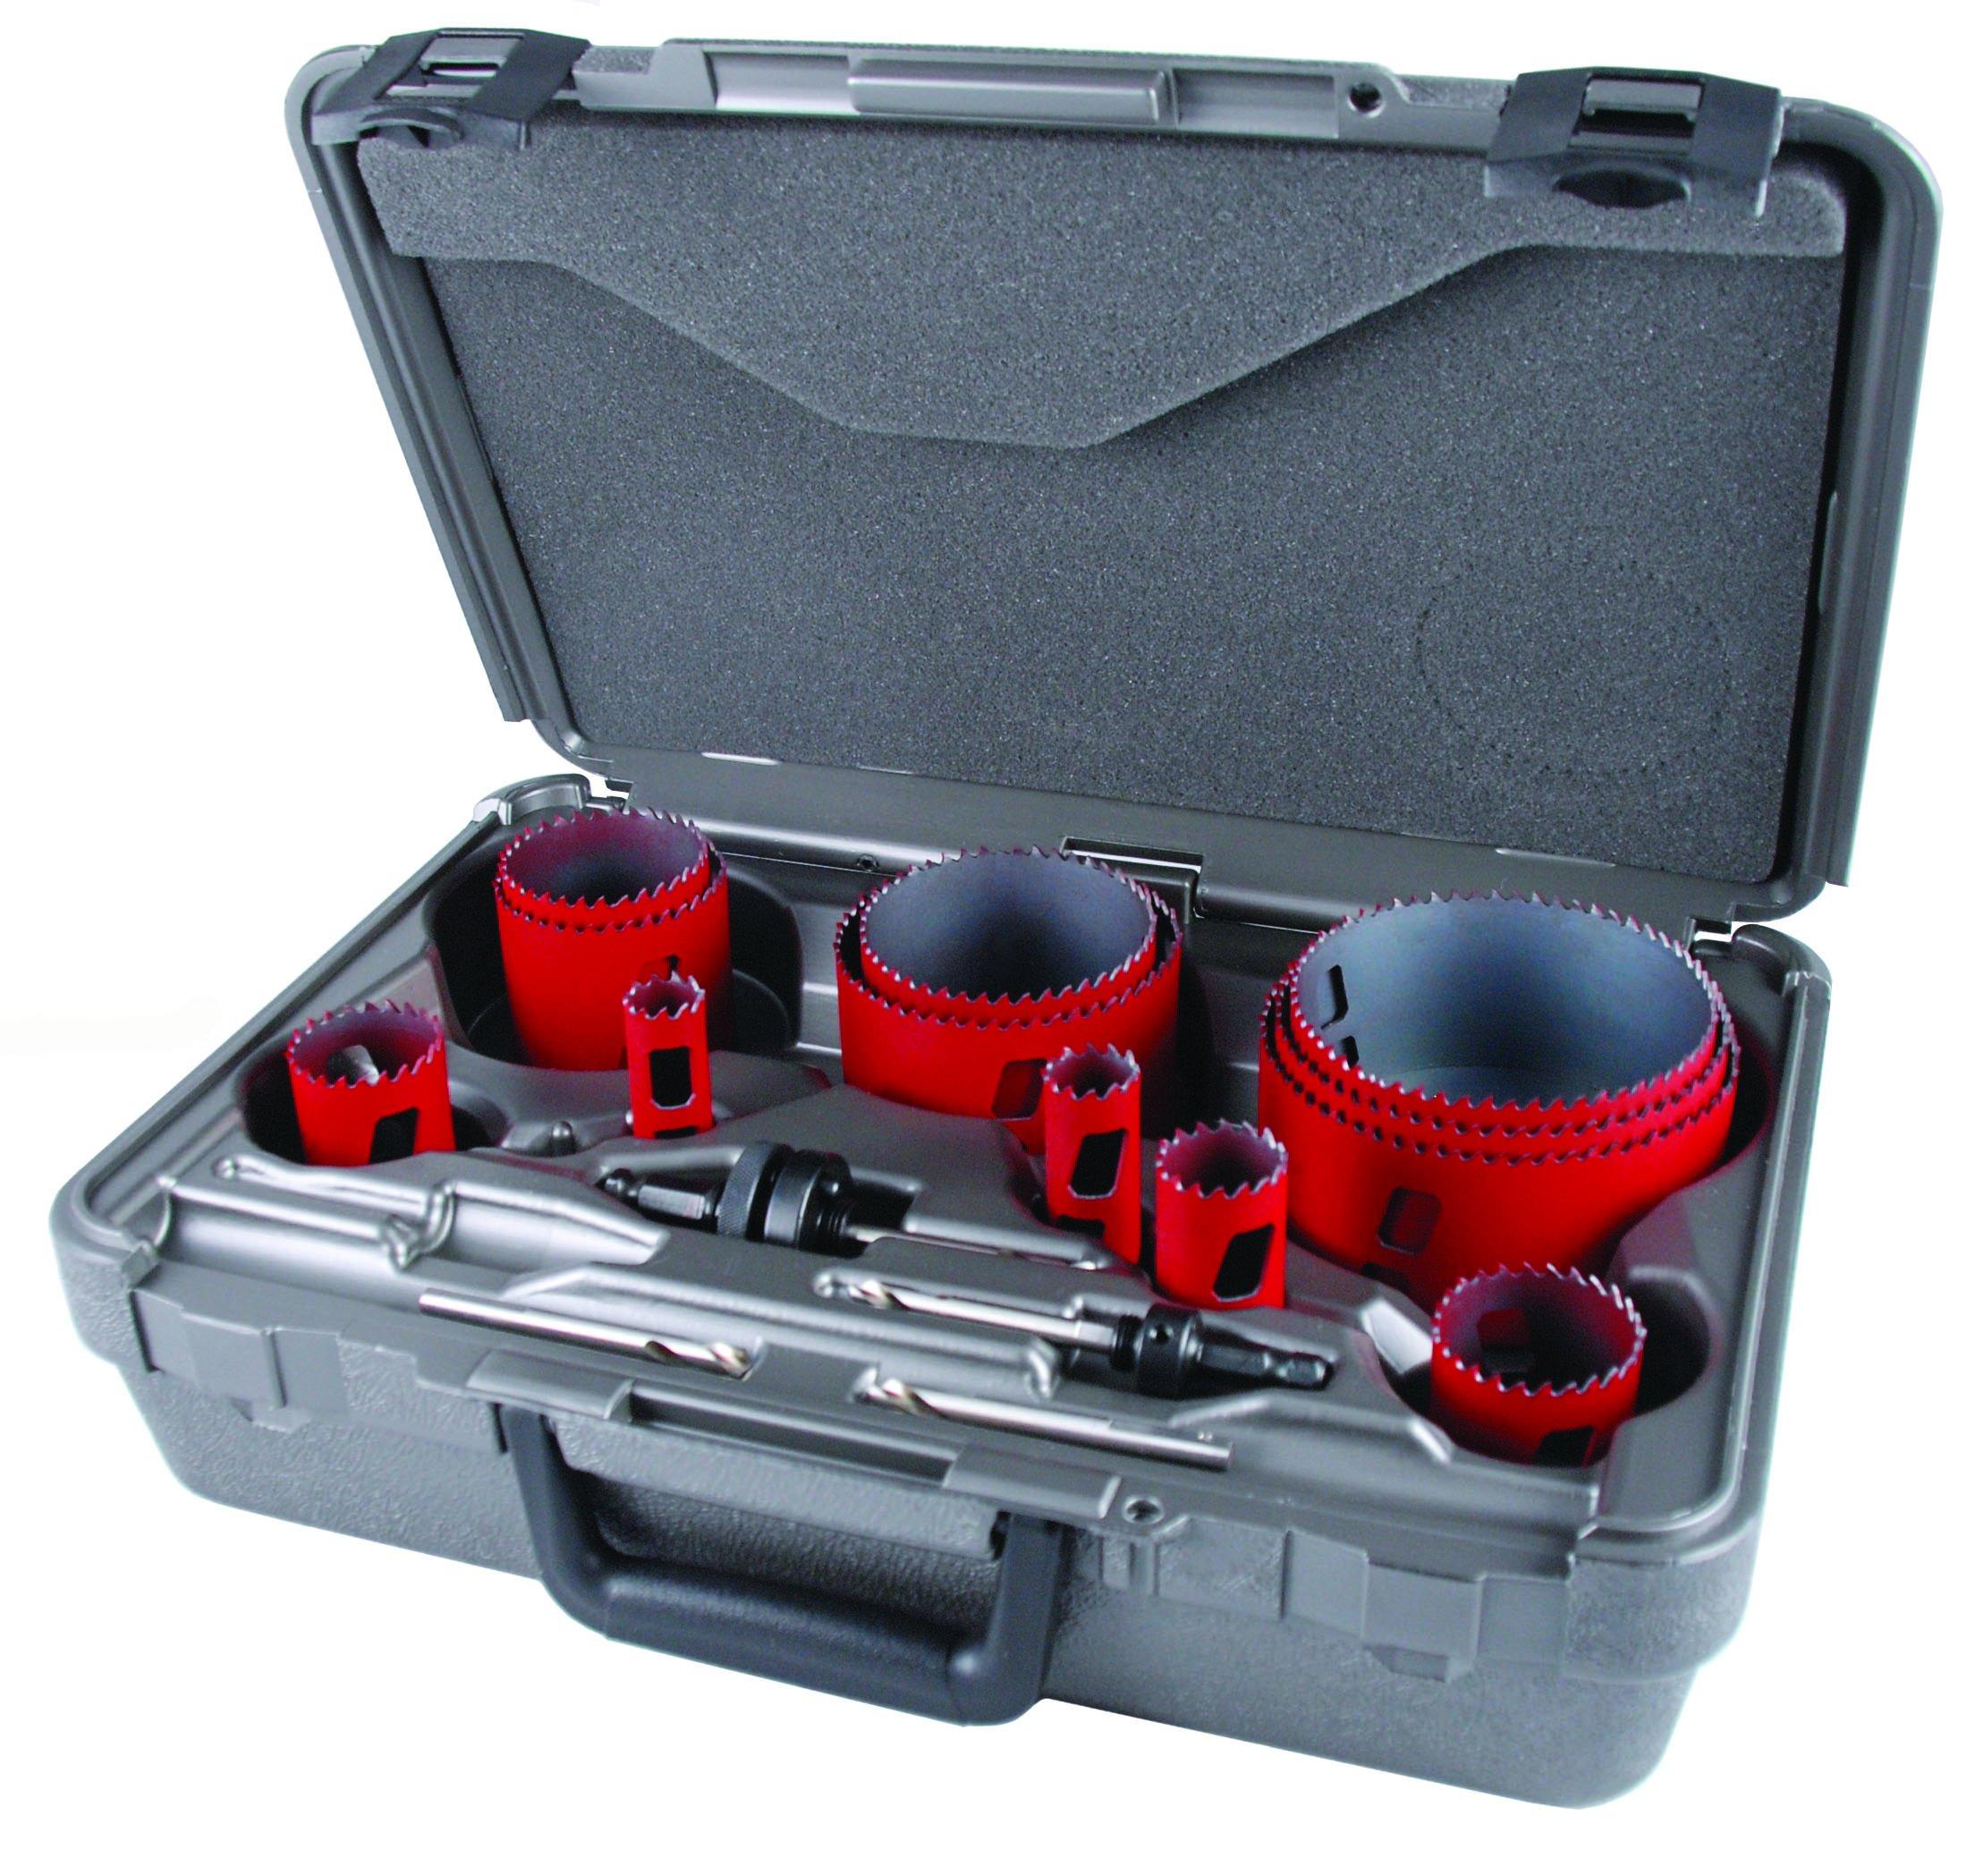 MK Morse MHS16P Bi-Metal Hole Saw Plumber Kit, 16-Piece by MK Morse